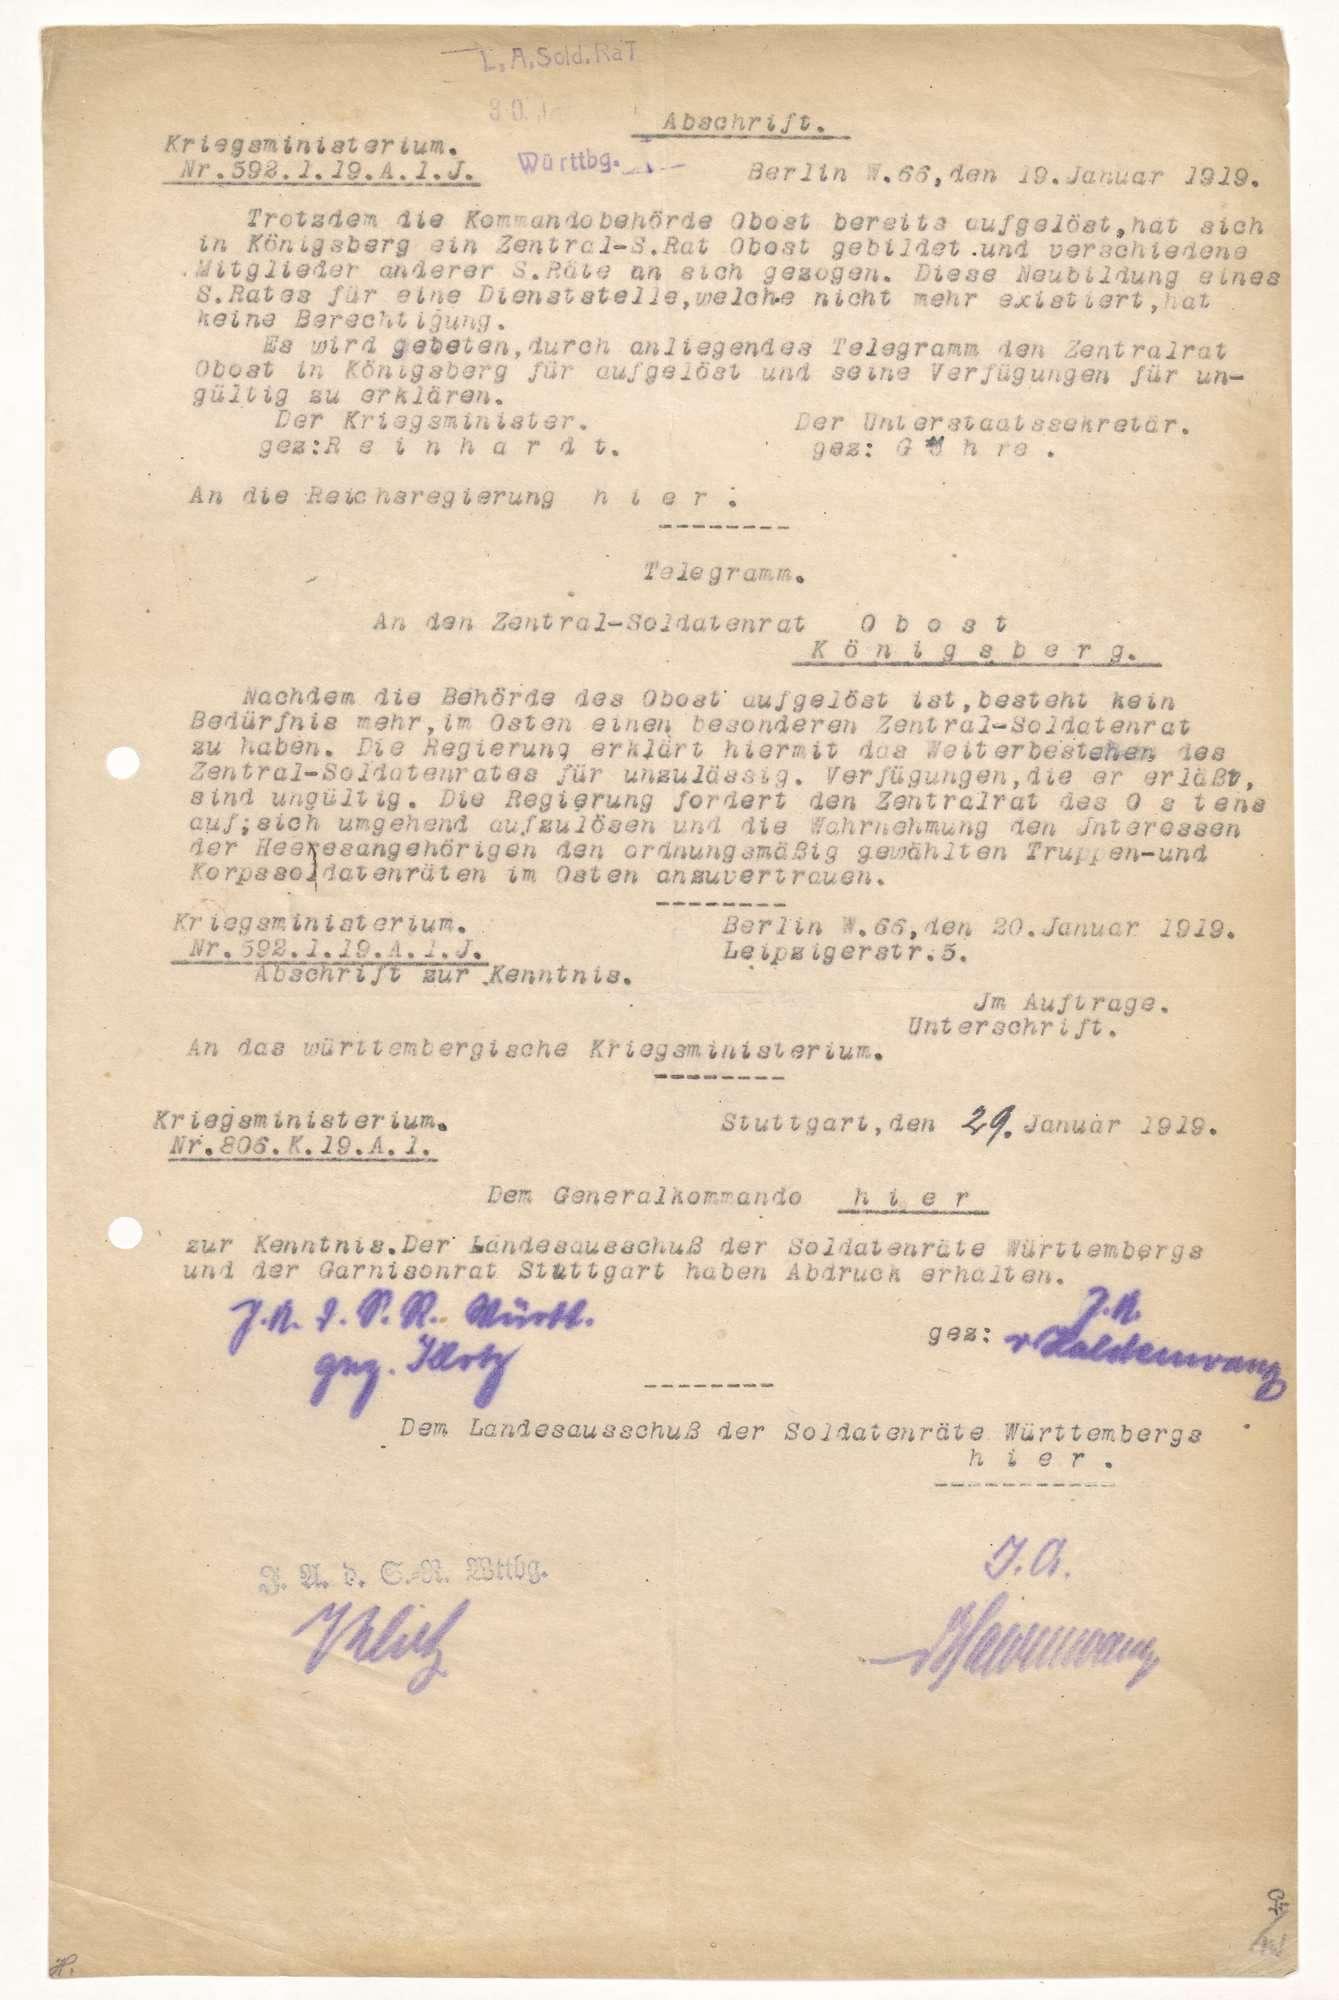 Berichterstattung über Konferenzen auswärtiger Korps-Soldatenräte, Bild 3